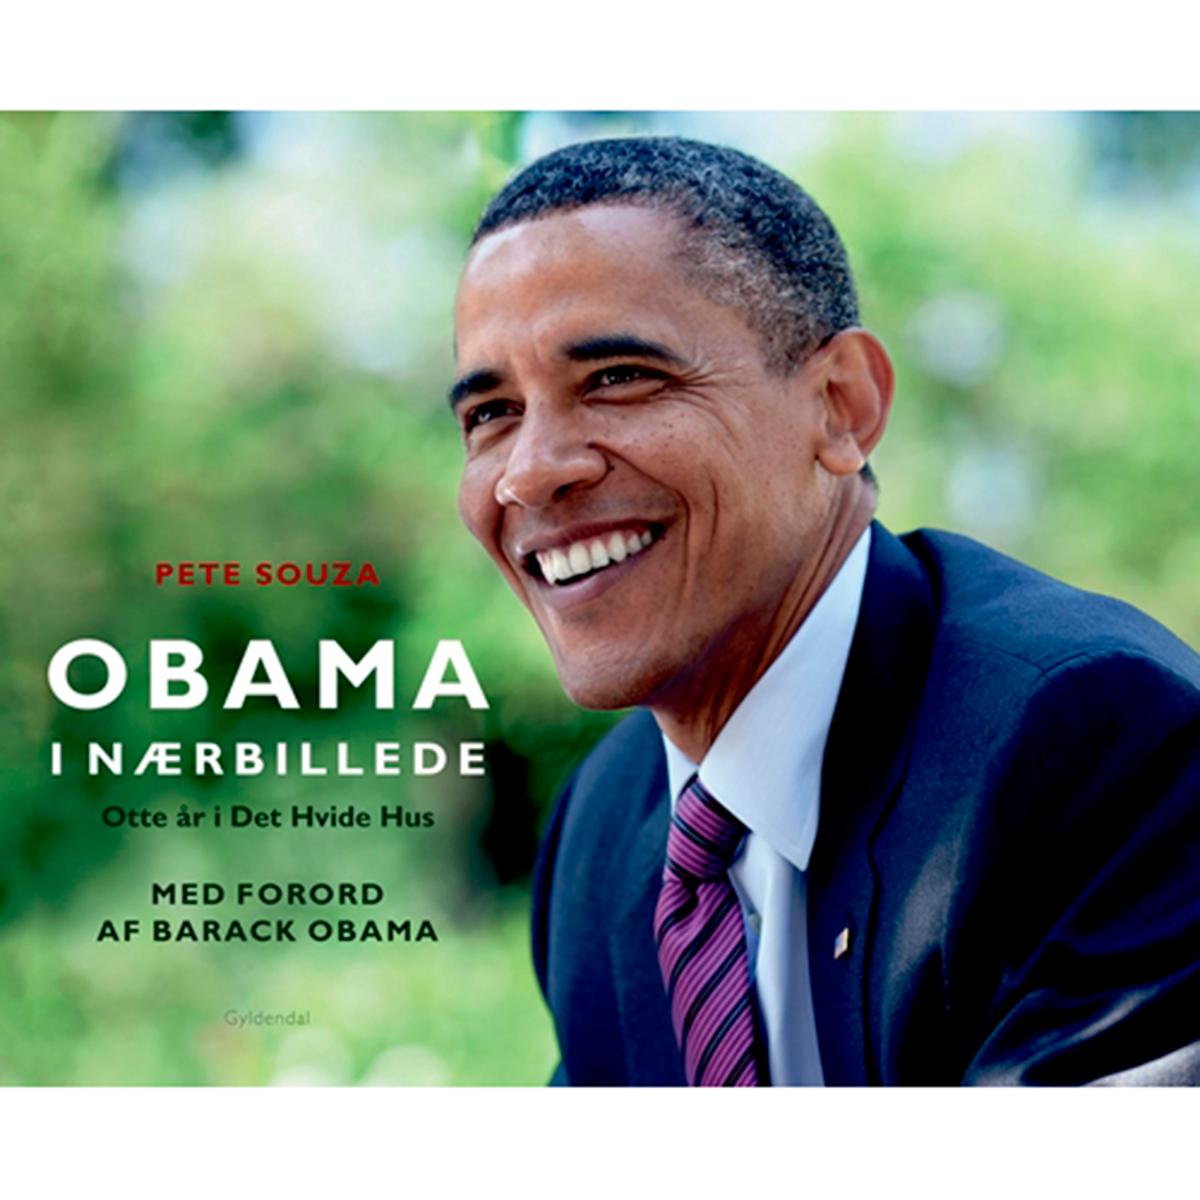 Obama i nærbillede - Otte år i Det Hvide Hus - Indbundet